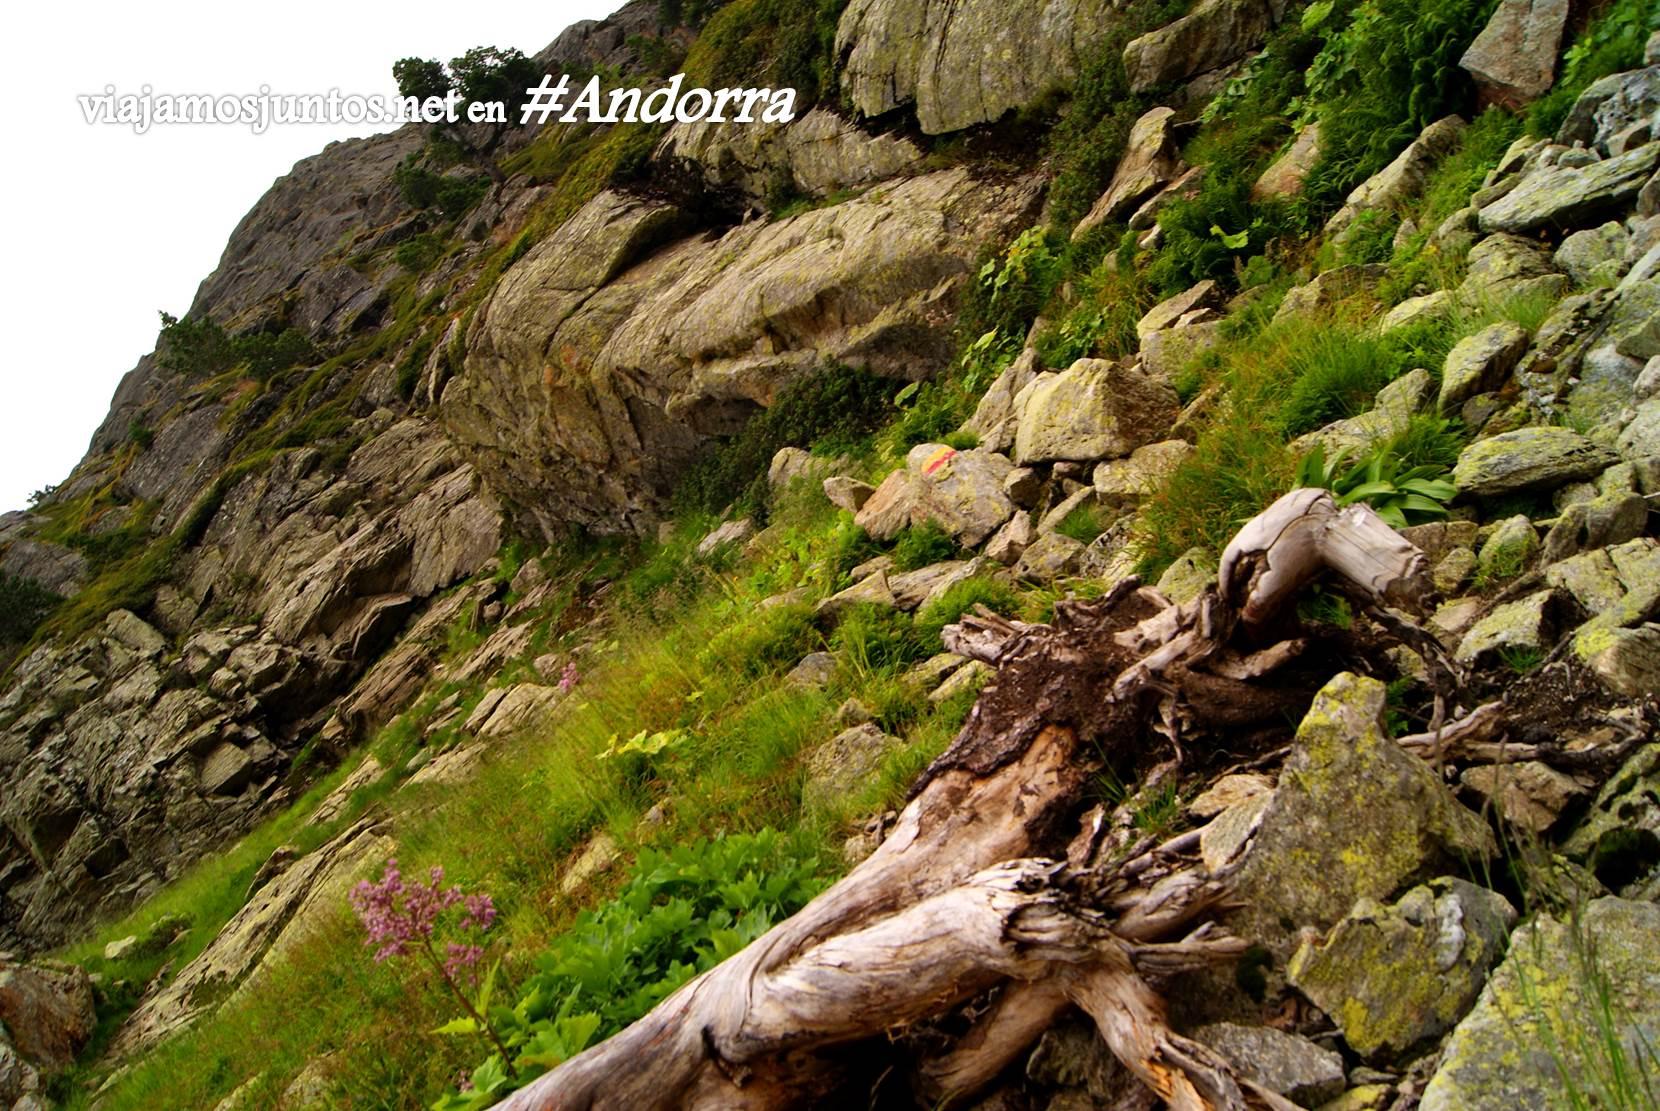 Entre el refugio de Siscaró y Juclá, Andorra trekking, Pirineo Oriental